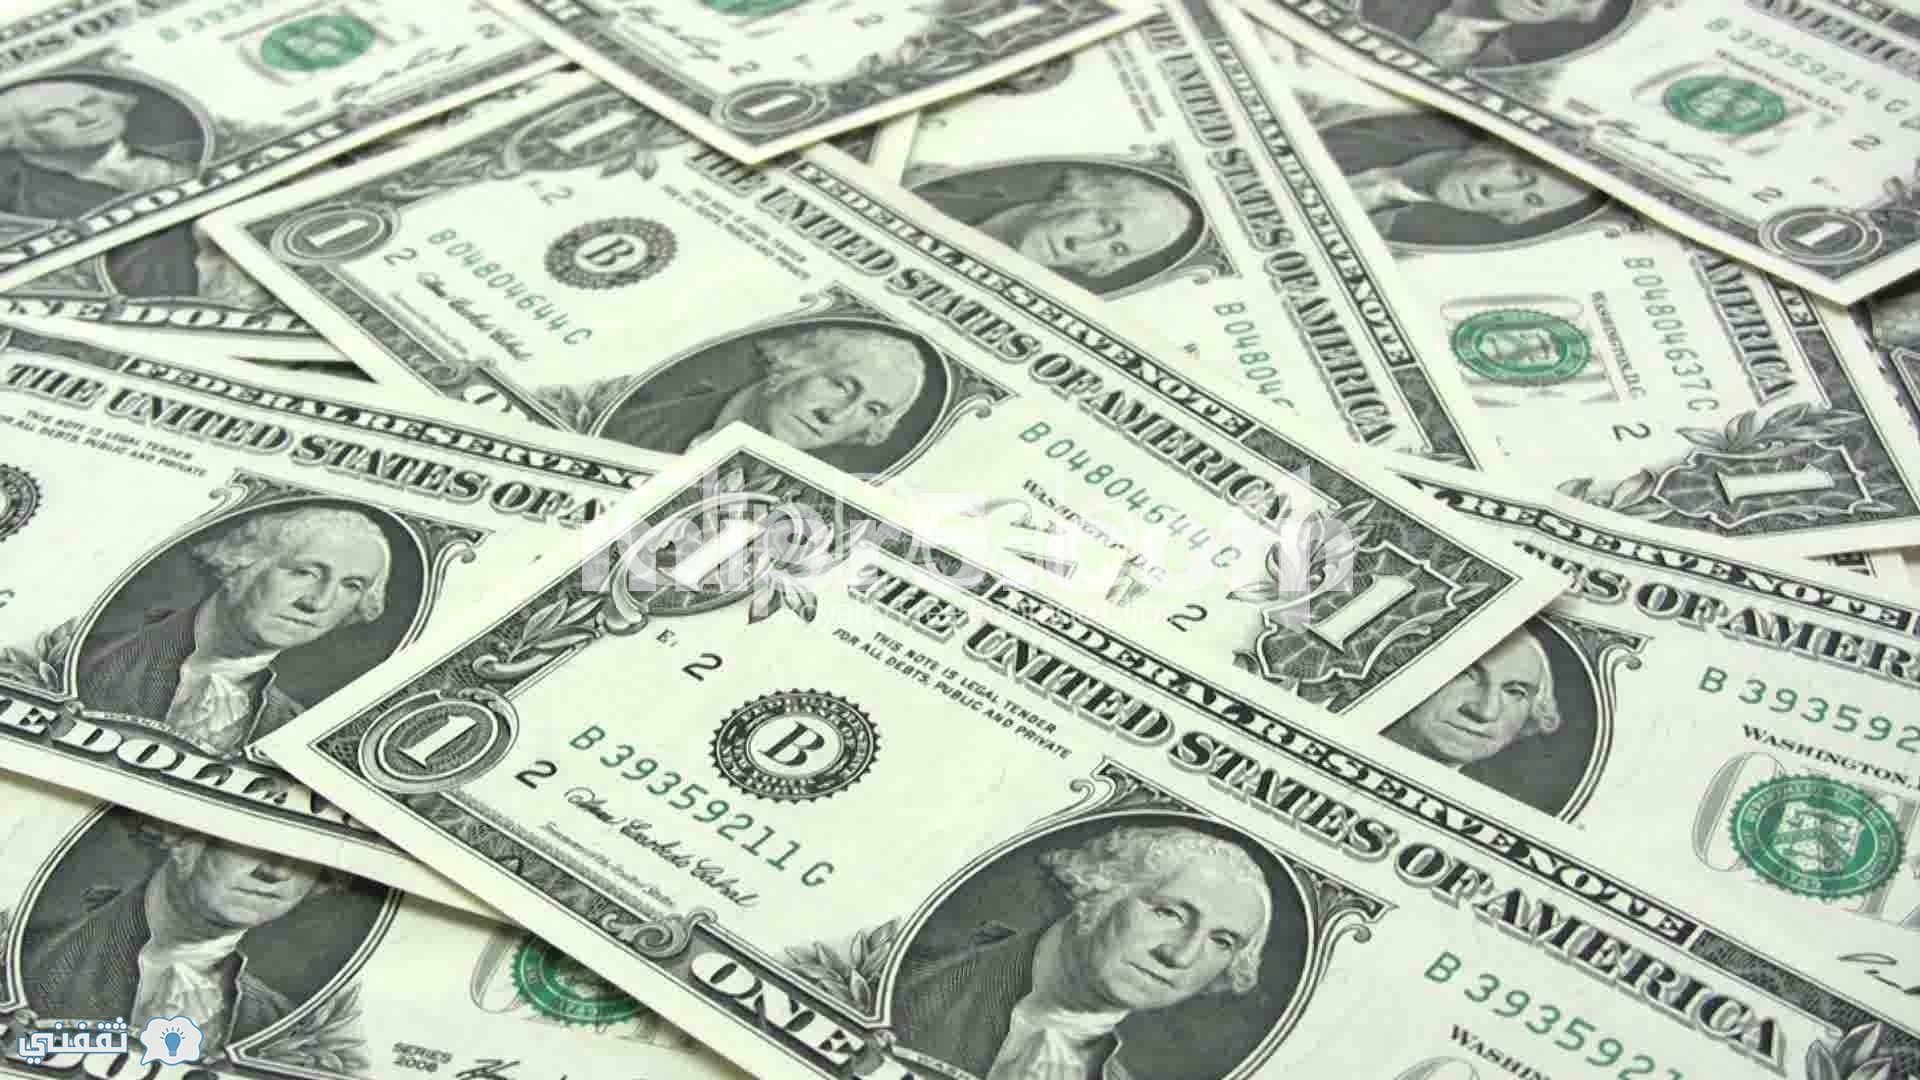 سعر الدولار اليوم الاثنين نتابع معكم سعر الدولار الأمريكي